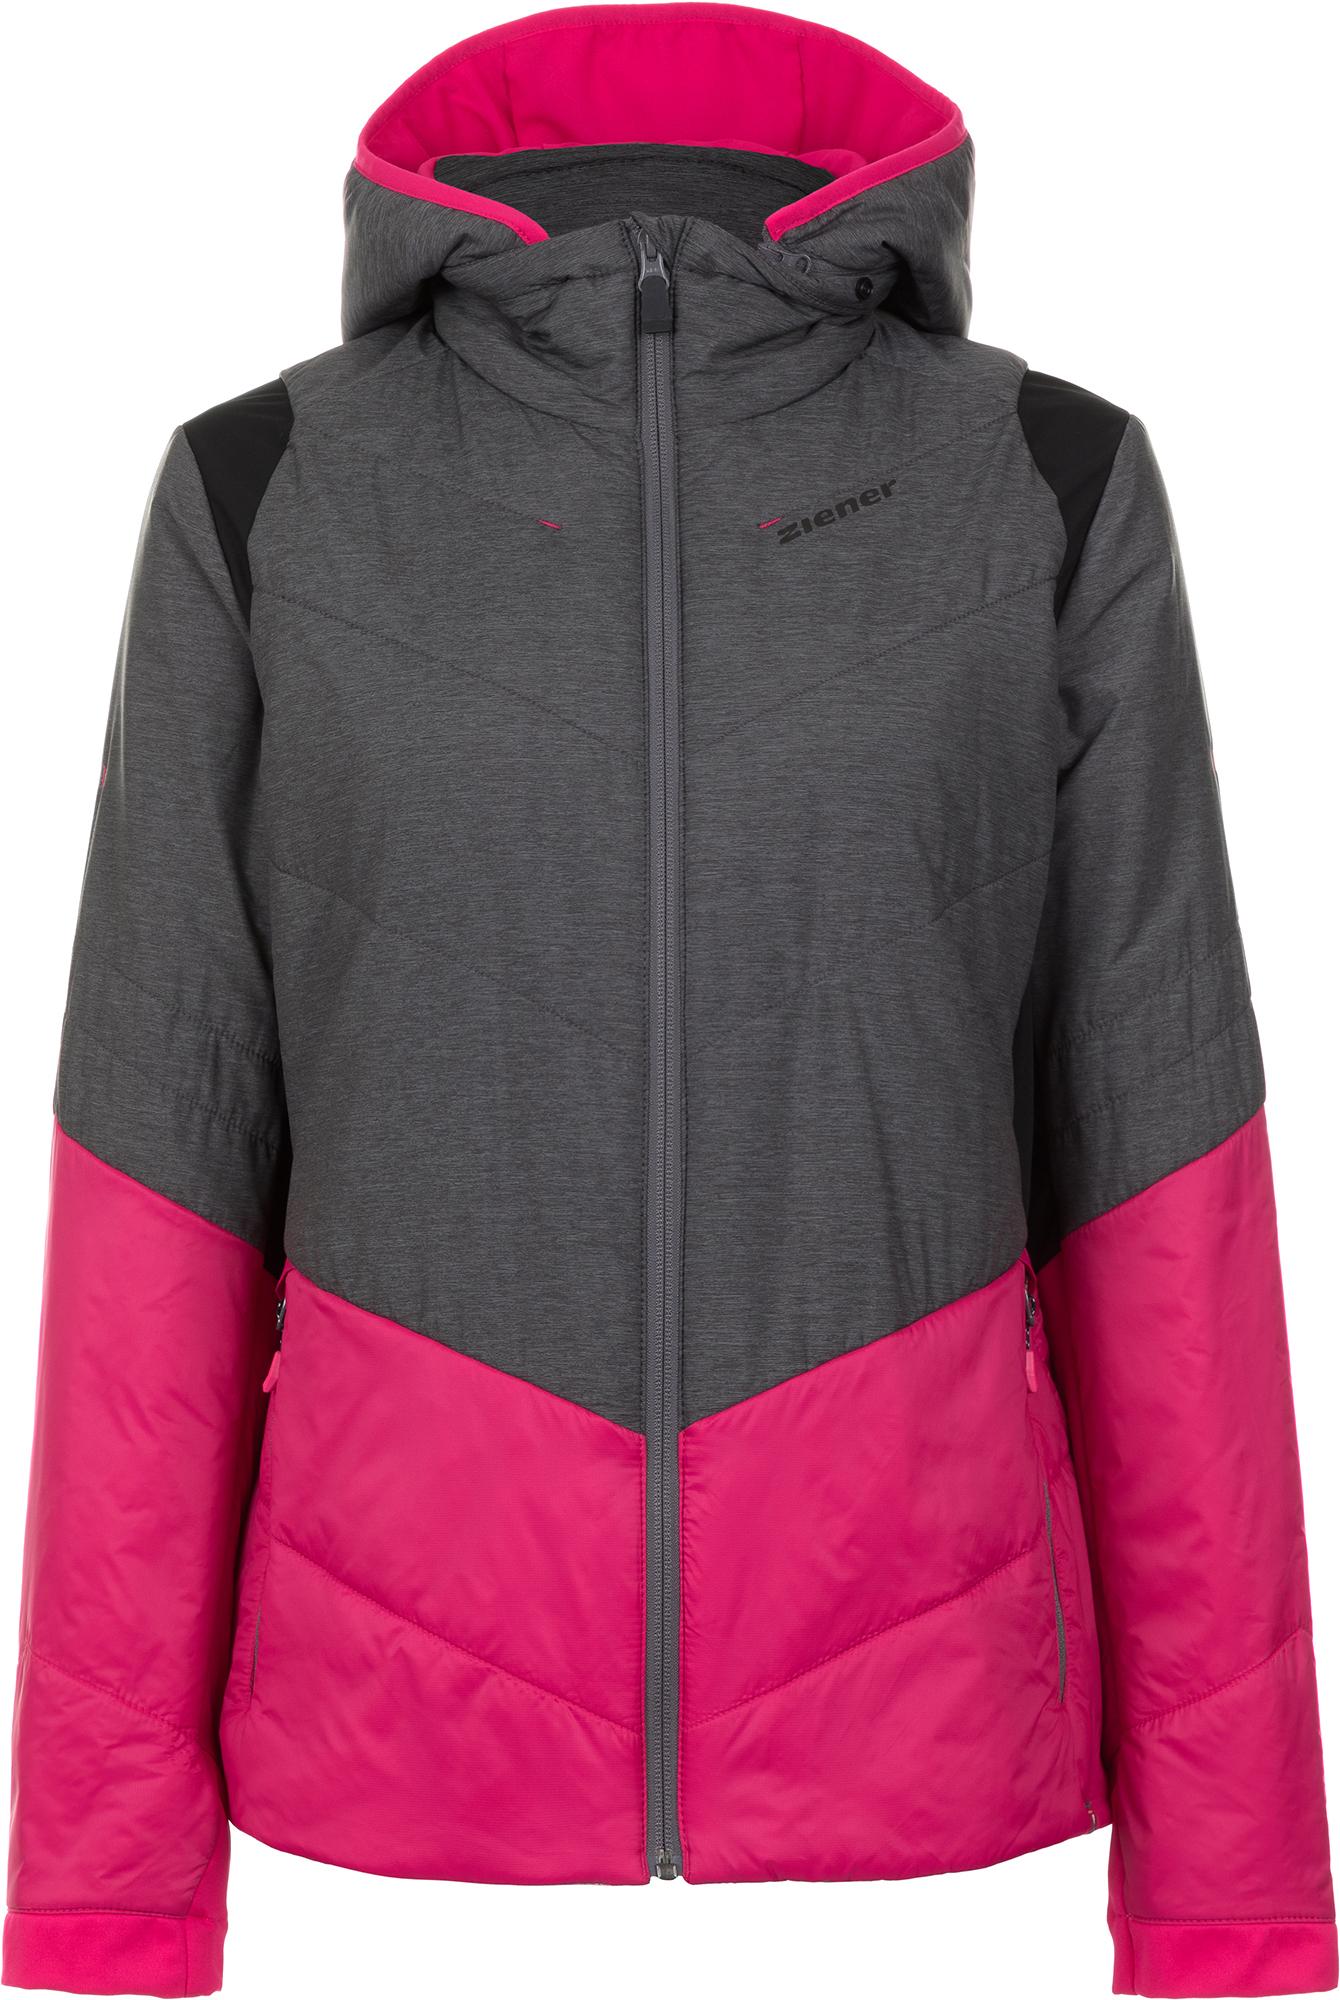 Ziener Куртка утепленная женская Ziener Narula, размер 46